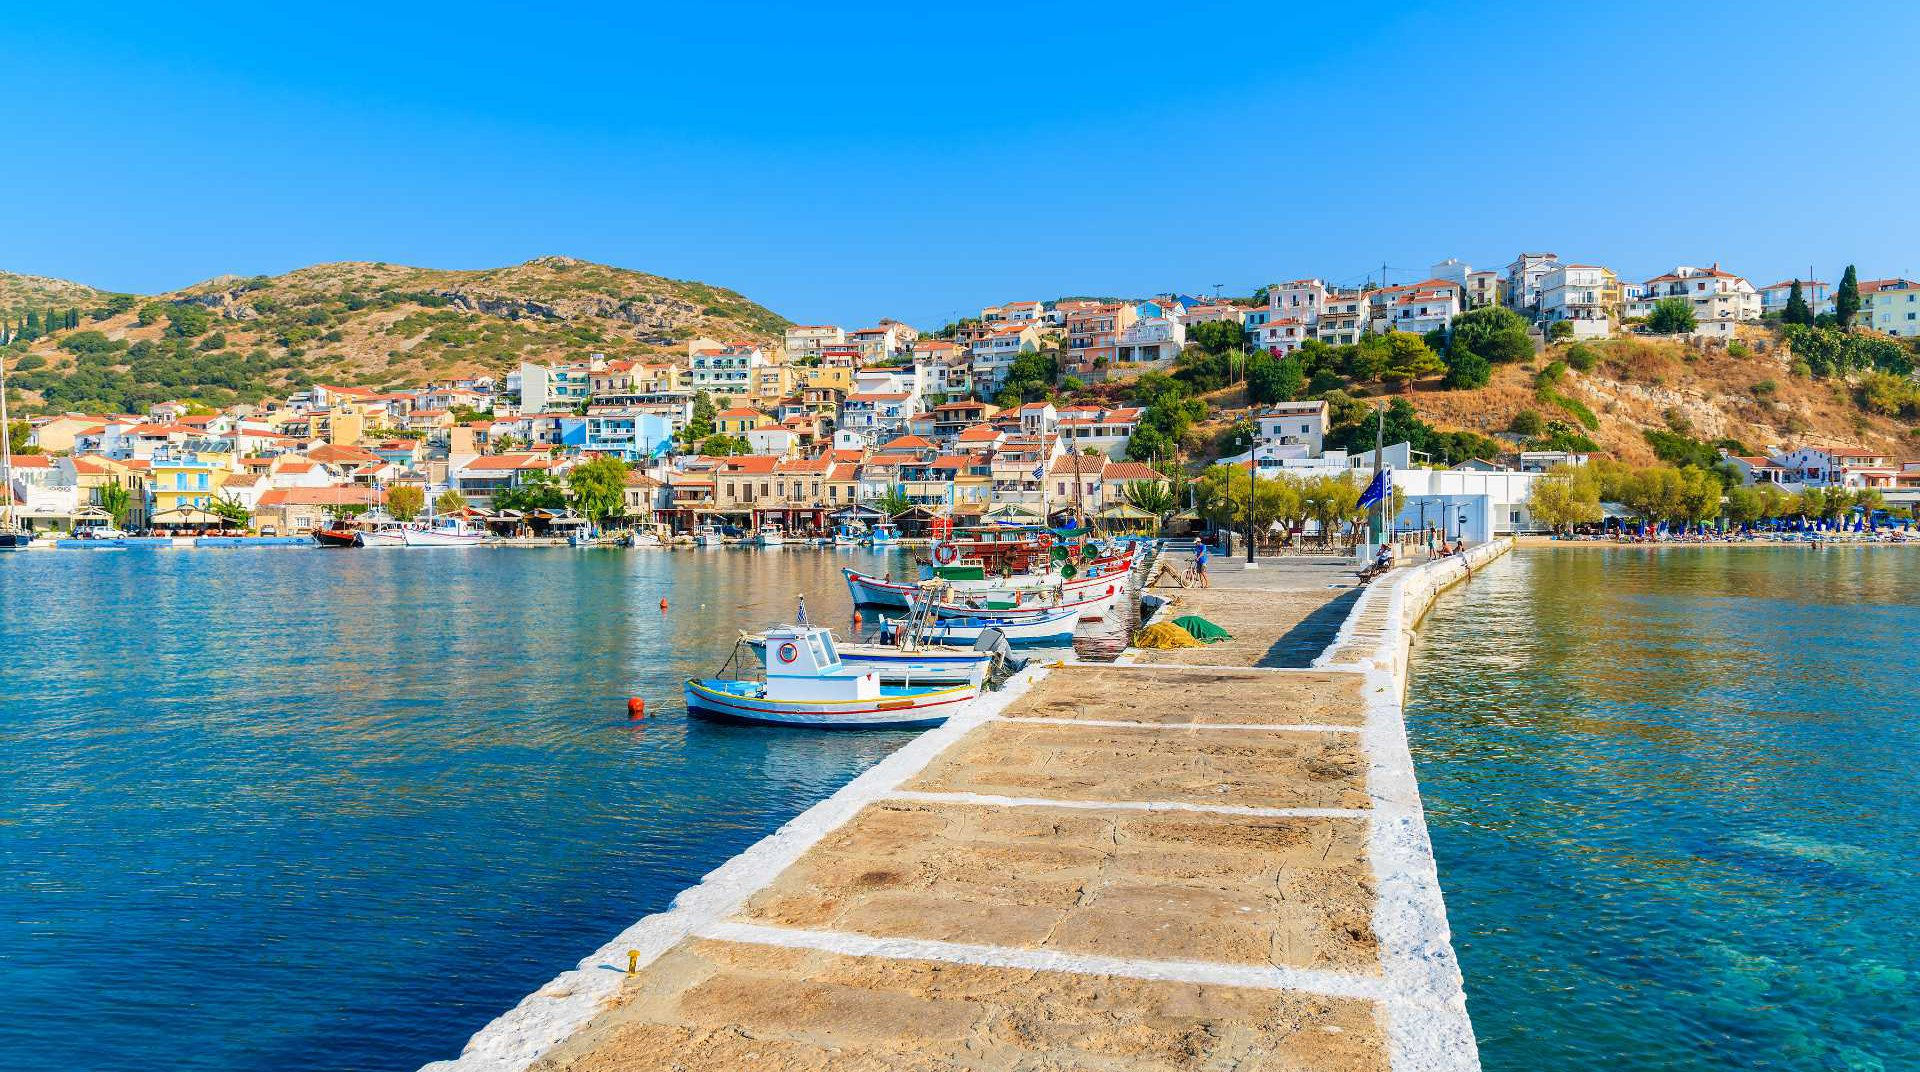 Το λιμάνι με το νησί στο παρασκήνιο